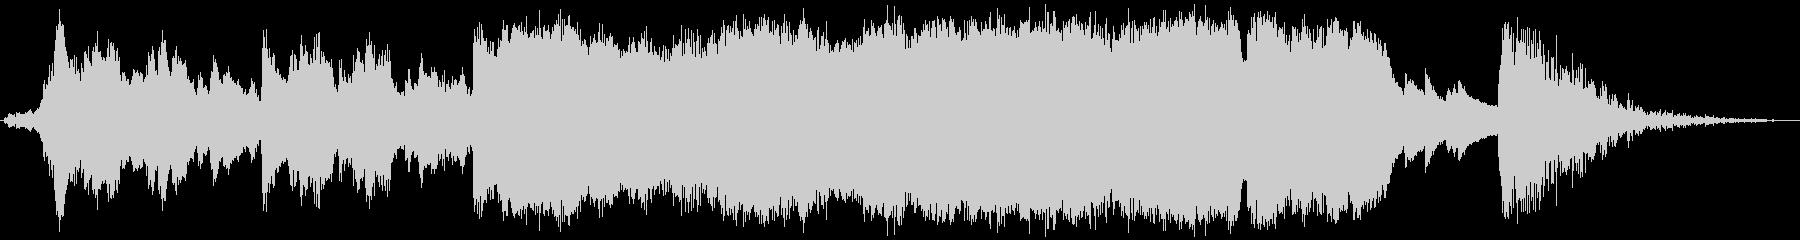 30秒CM吹奏楽+ピアノジングルの未再生の波形